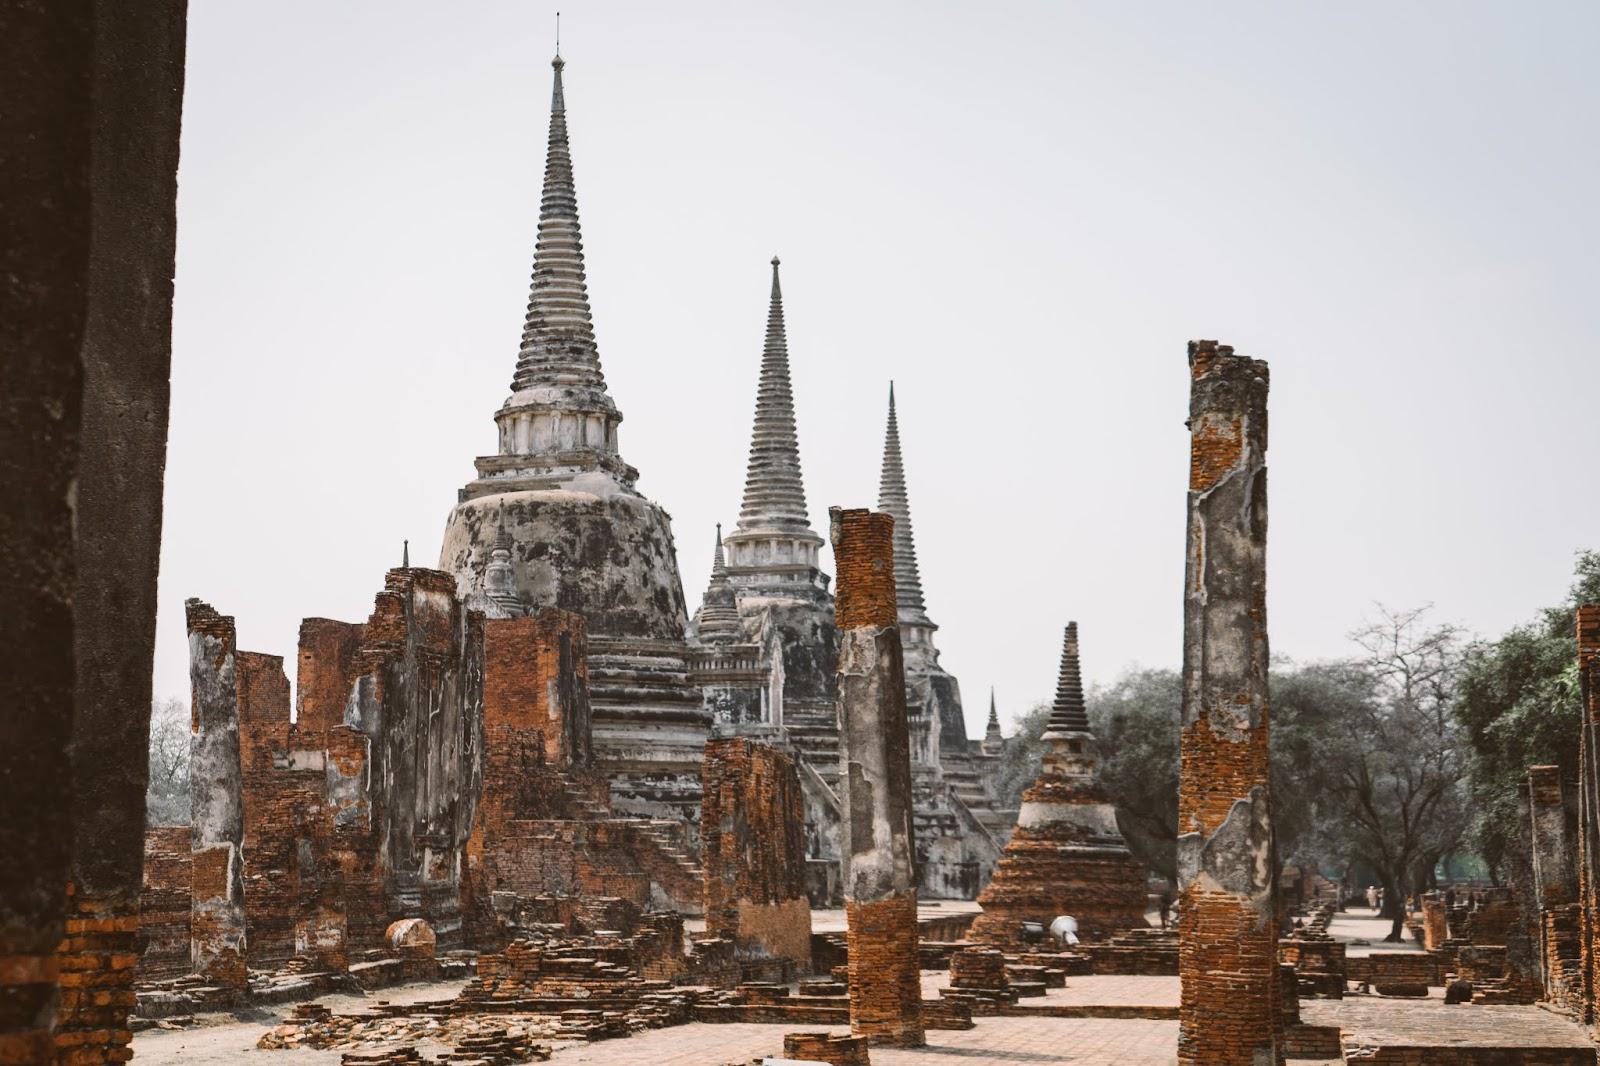 旅 泰國大城自由行 ‧ Ayutthaya古都一日遊,我覺得我的記憶褪色時間. But I'm too young to worry 但我太年輕了, too many people to ache over. 沒有妳,必去景點攻略 - Seize The Day